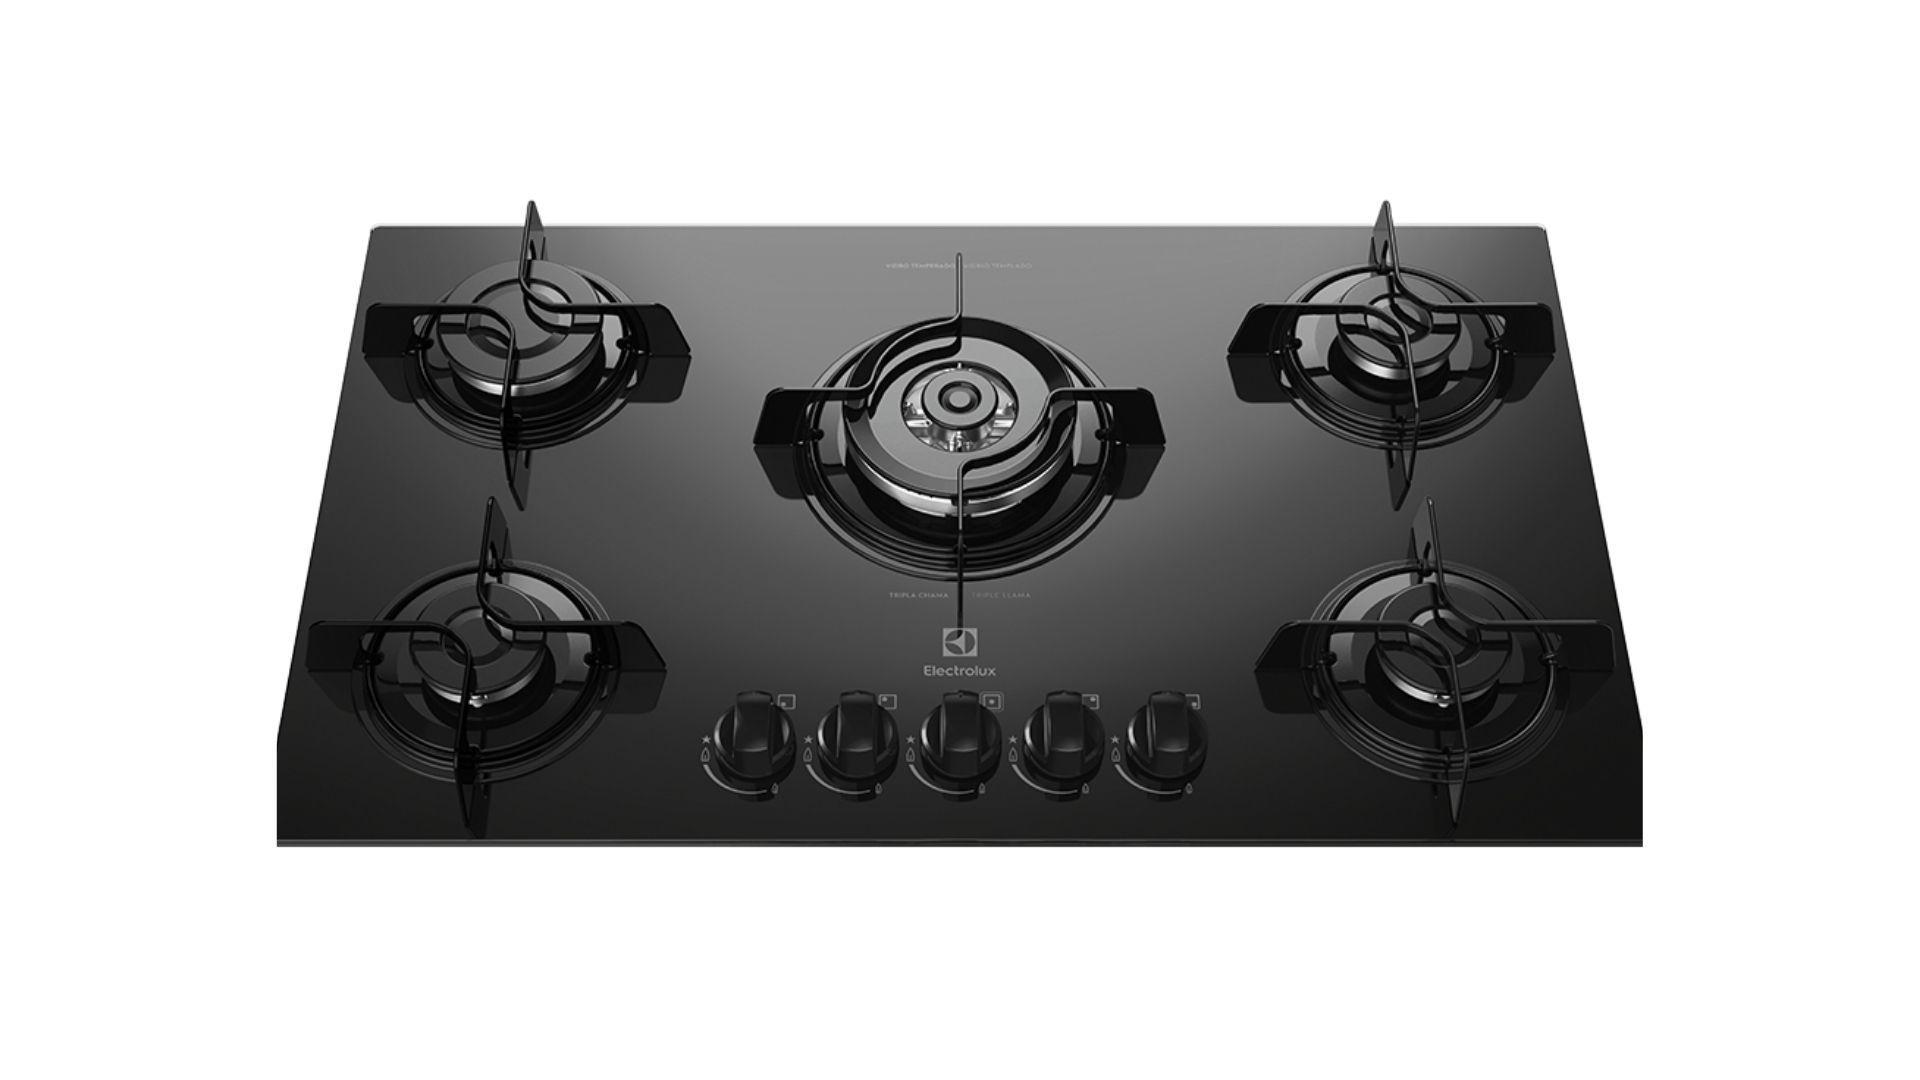 Cooktop Electrolux KE5TP tem um design clássico. (Imagem: Divulgação/Electrolux)